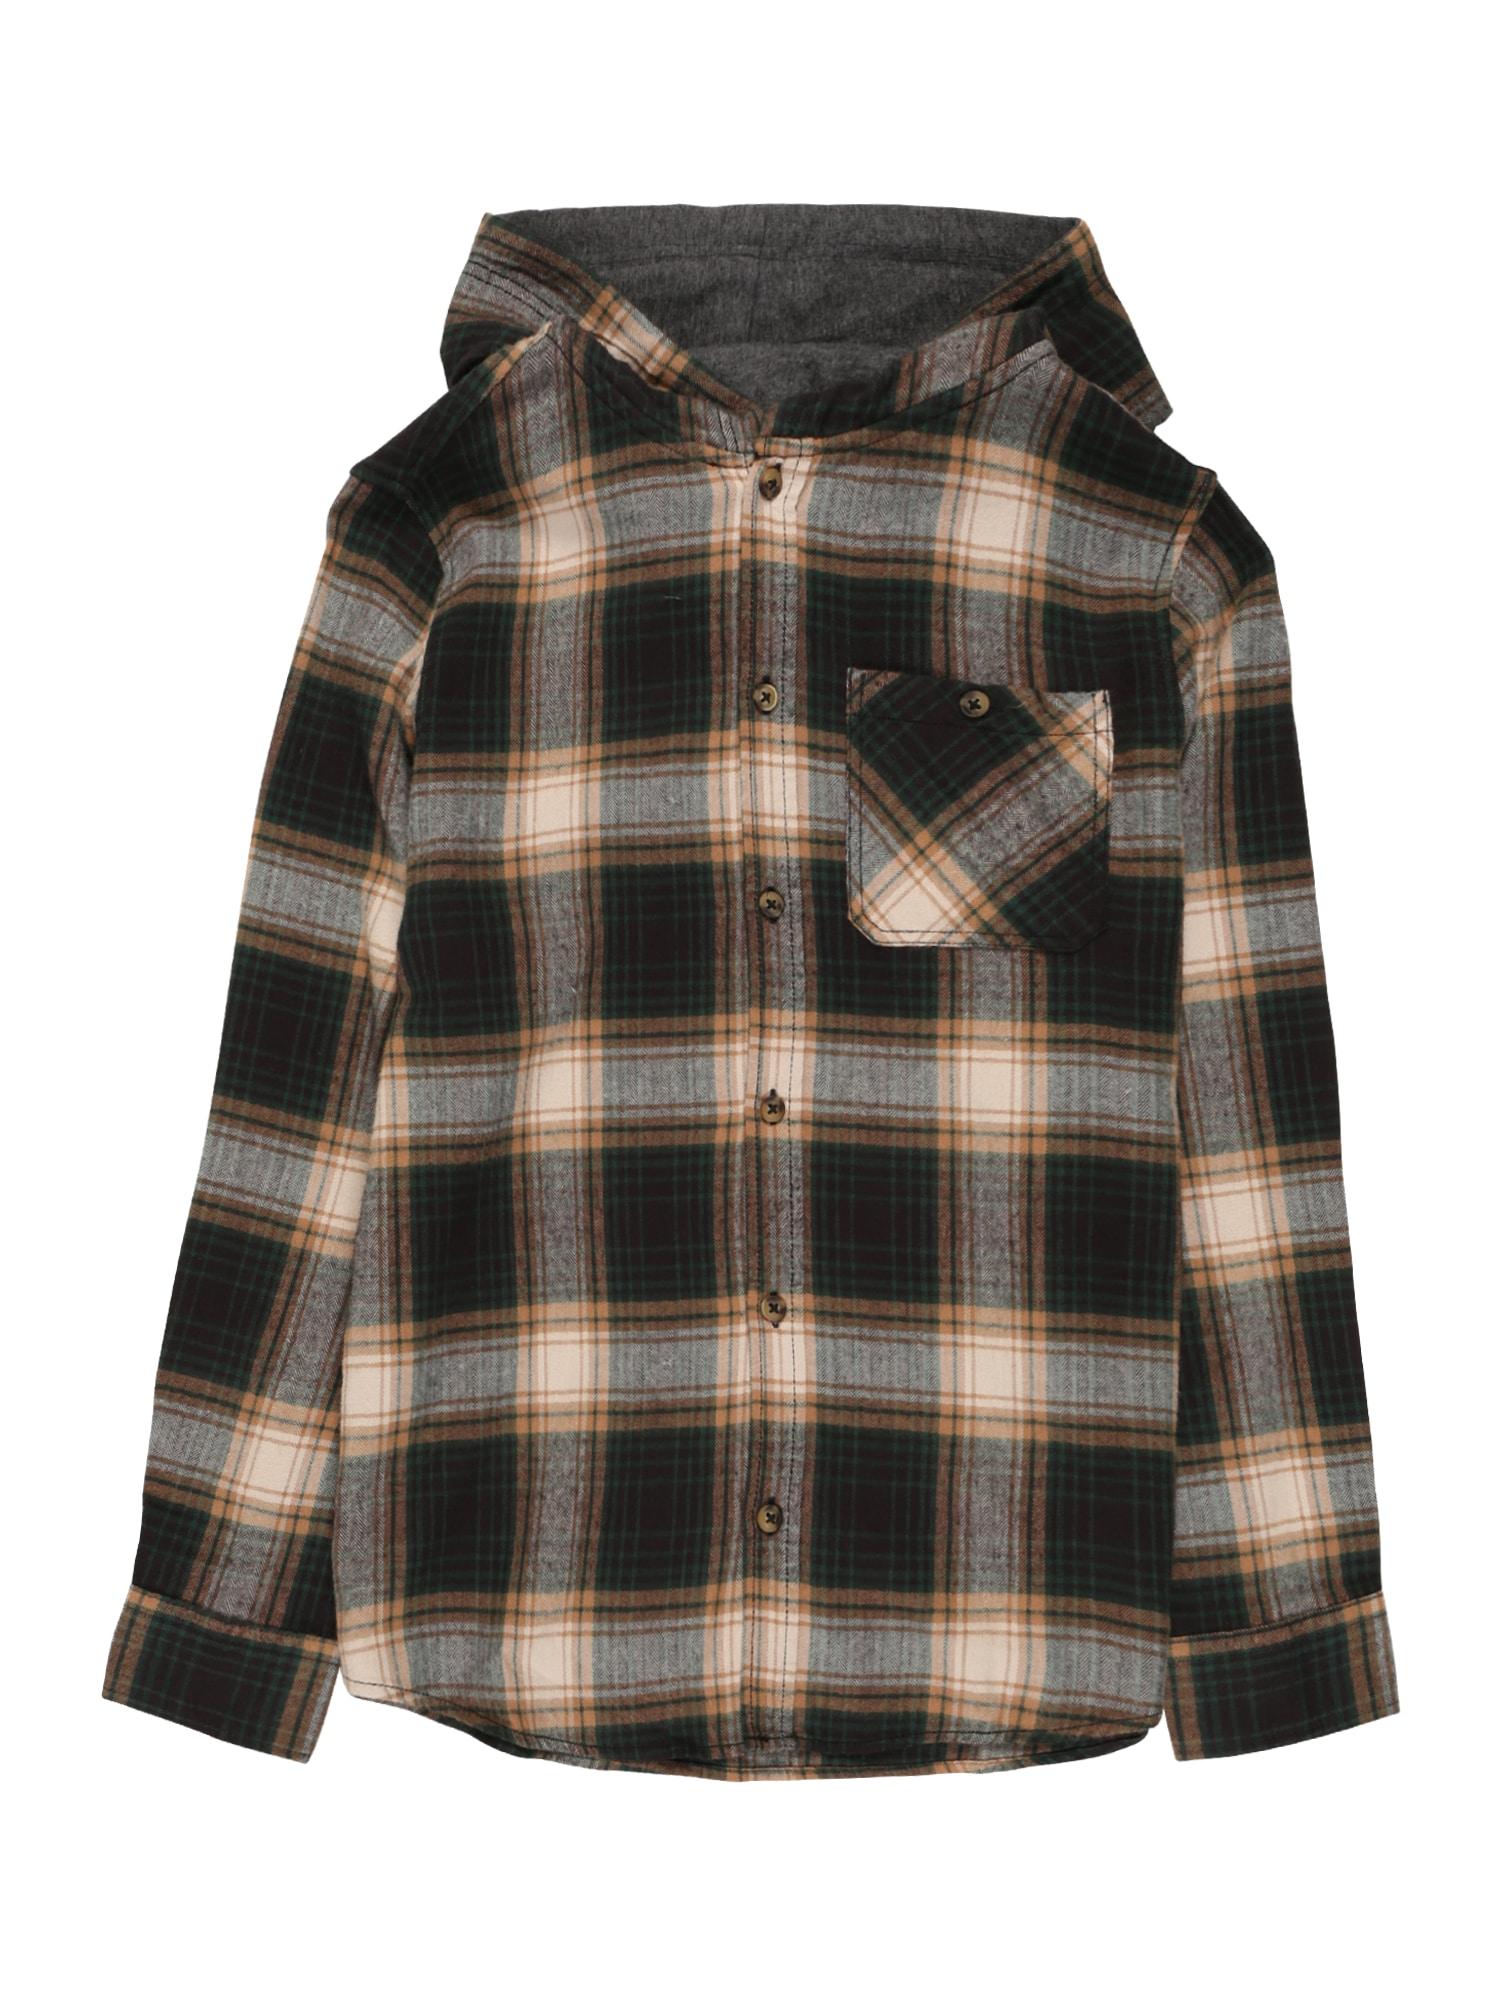 NAME IT Dalykiniai marškiniai antracito / vyšninė spalva / smėlio